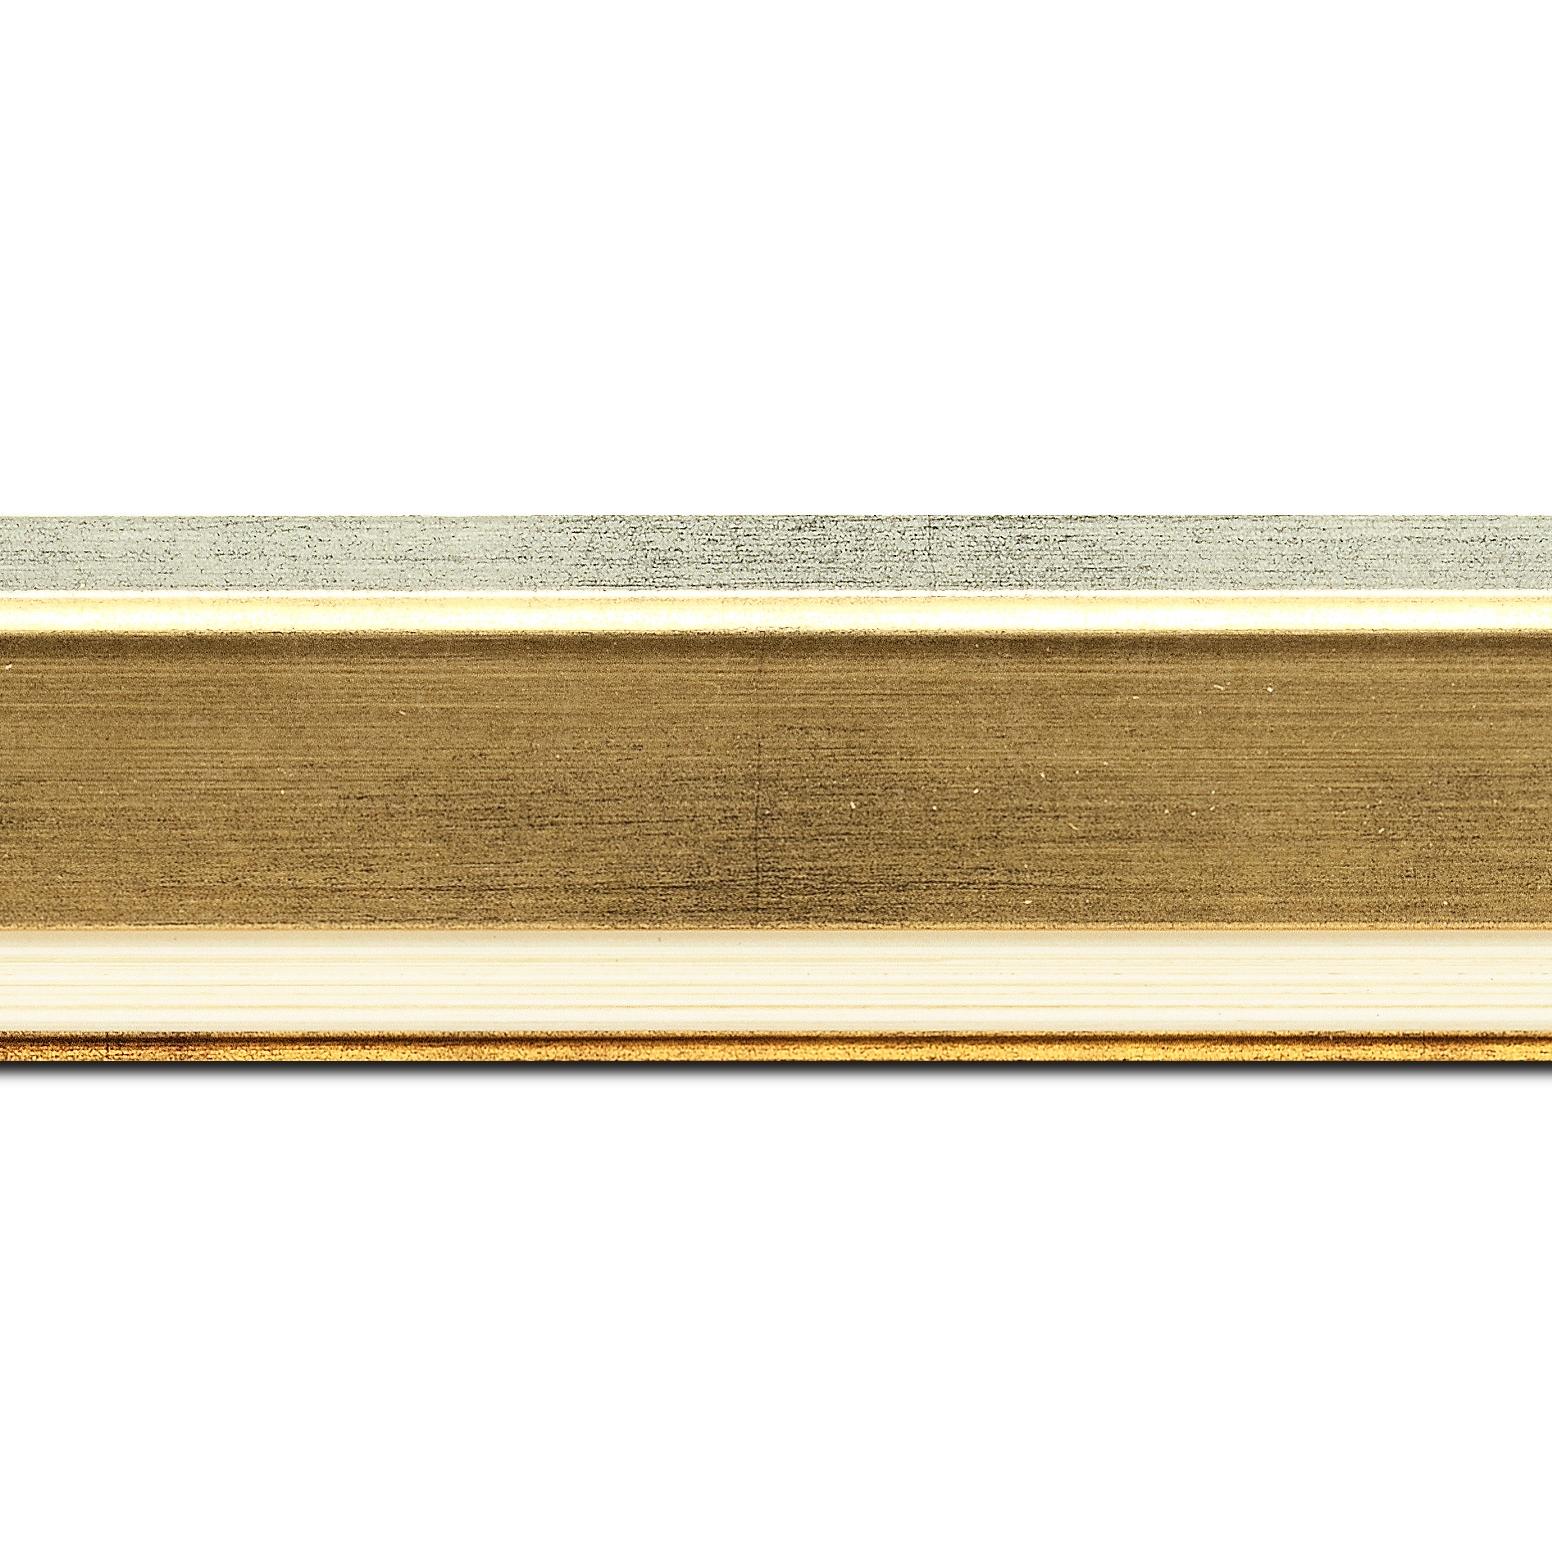 Baguette longueur 1.40m bois profil incliné largeur 5.4cm or bord extérieur argent marie louise crème filet argent intégrée